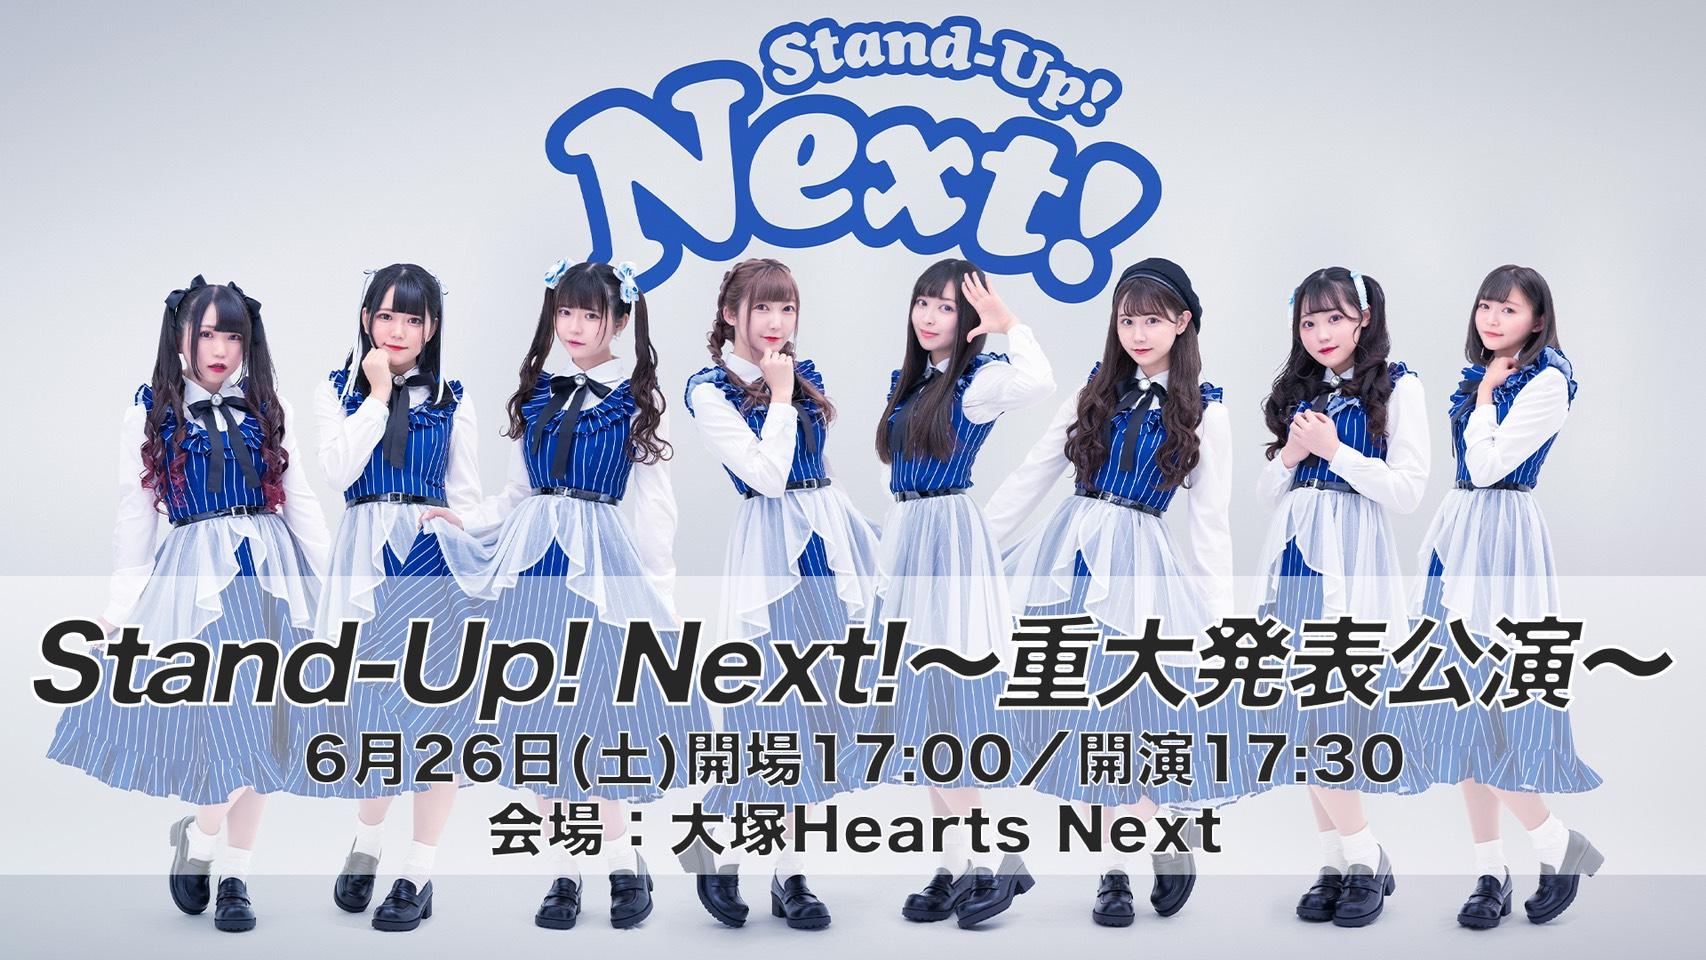 StandUpNext0626